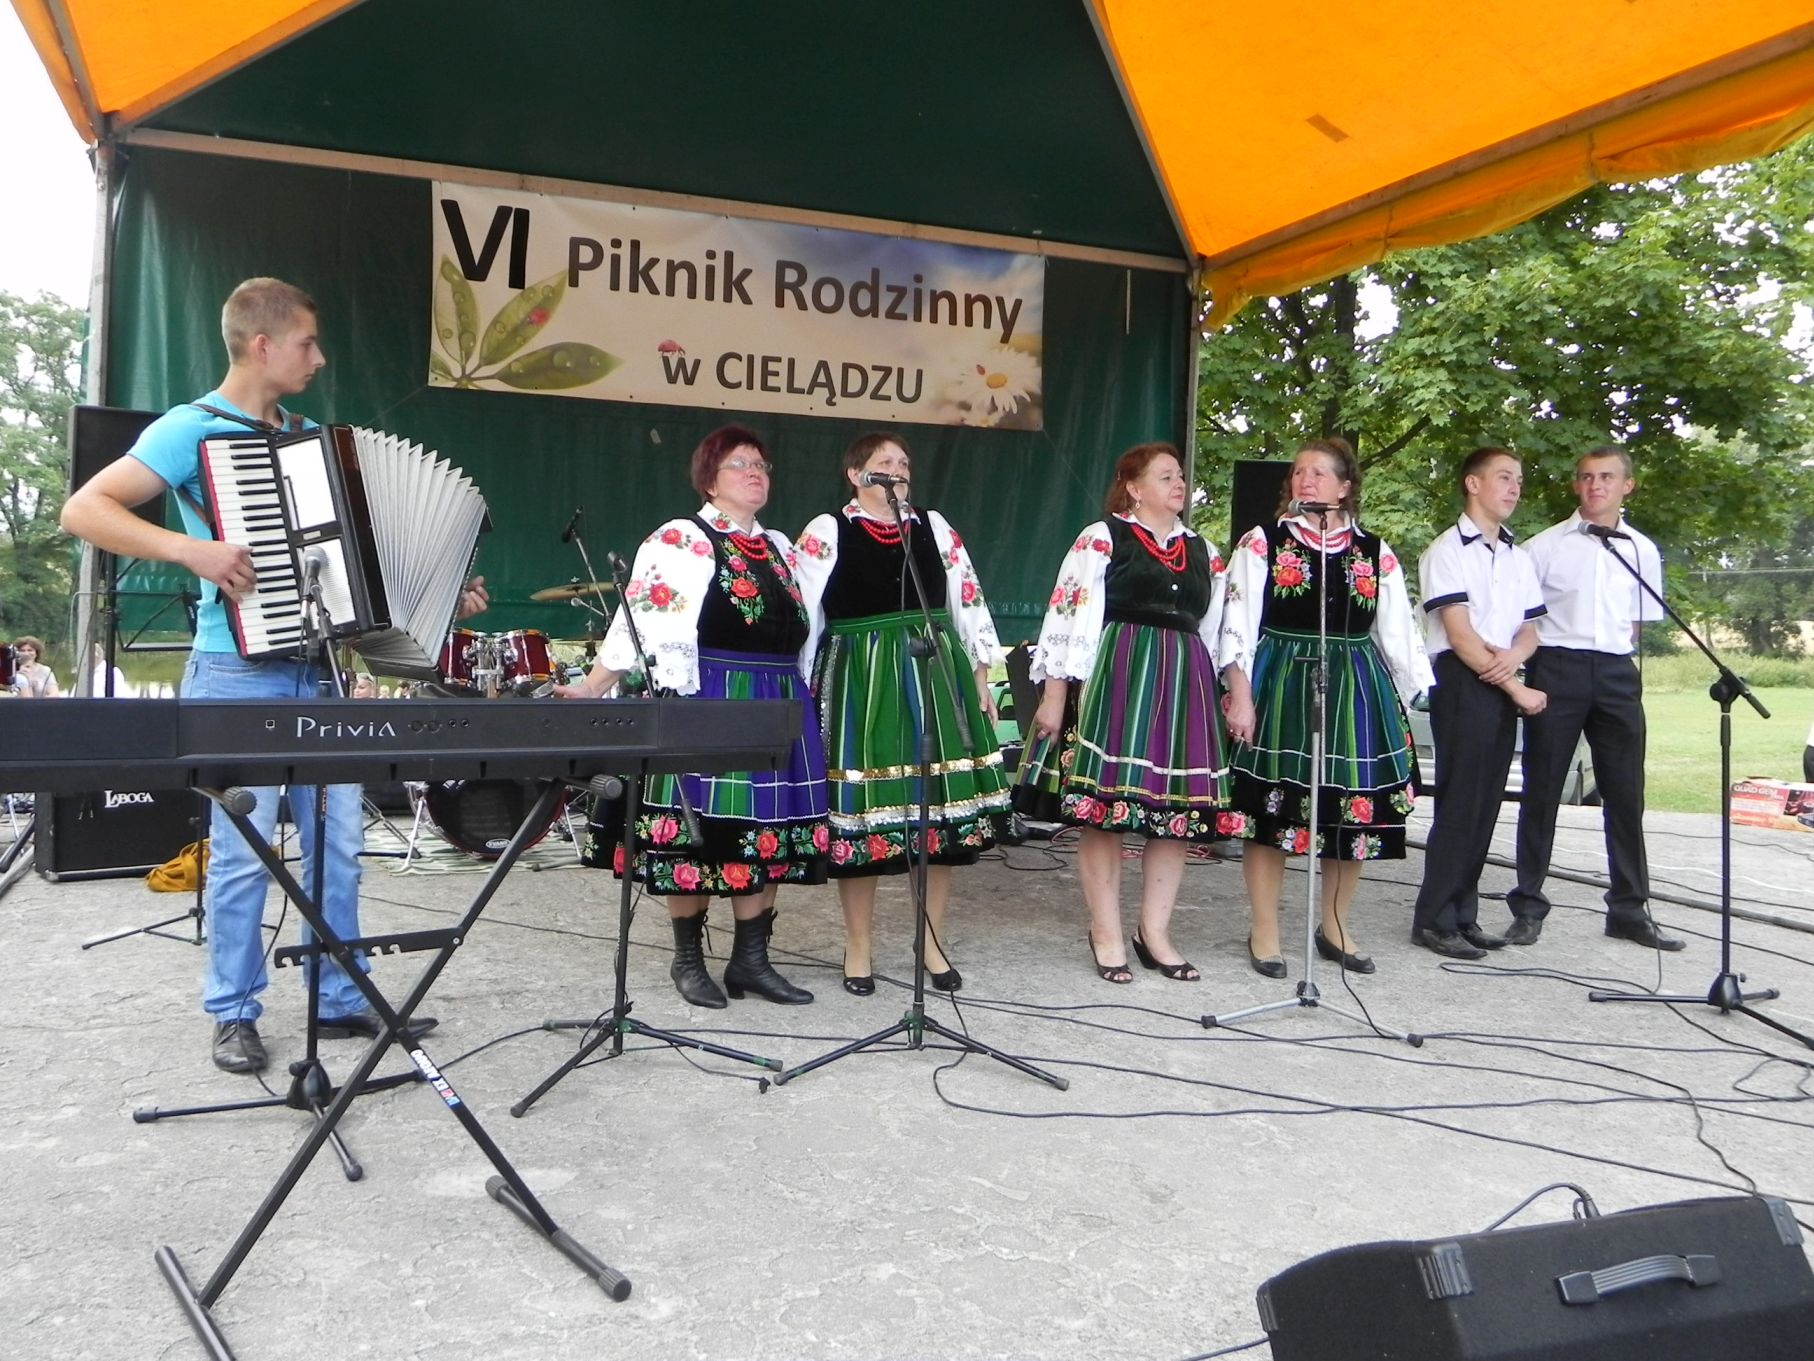 2013-08-18 Cielądz piknik (69)